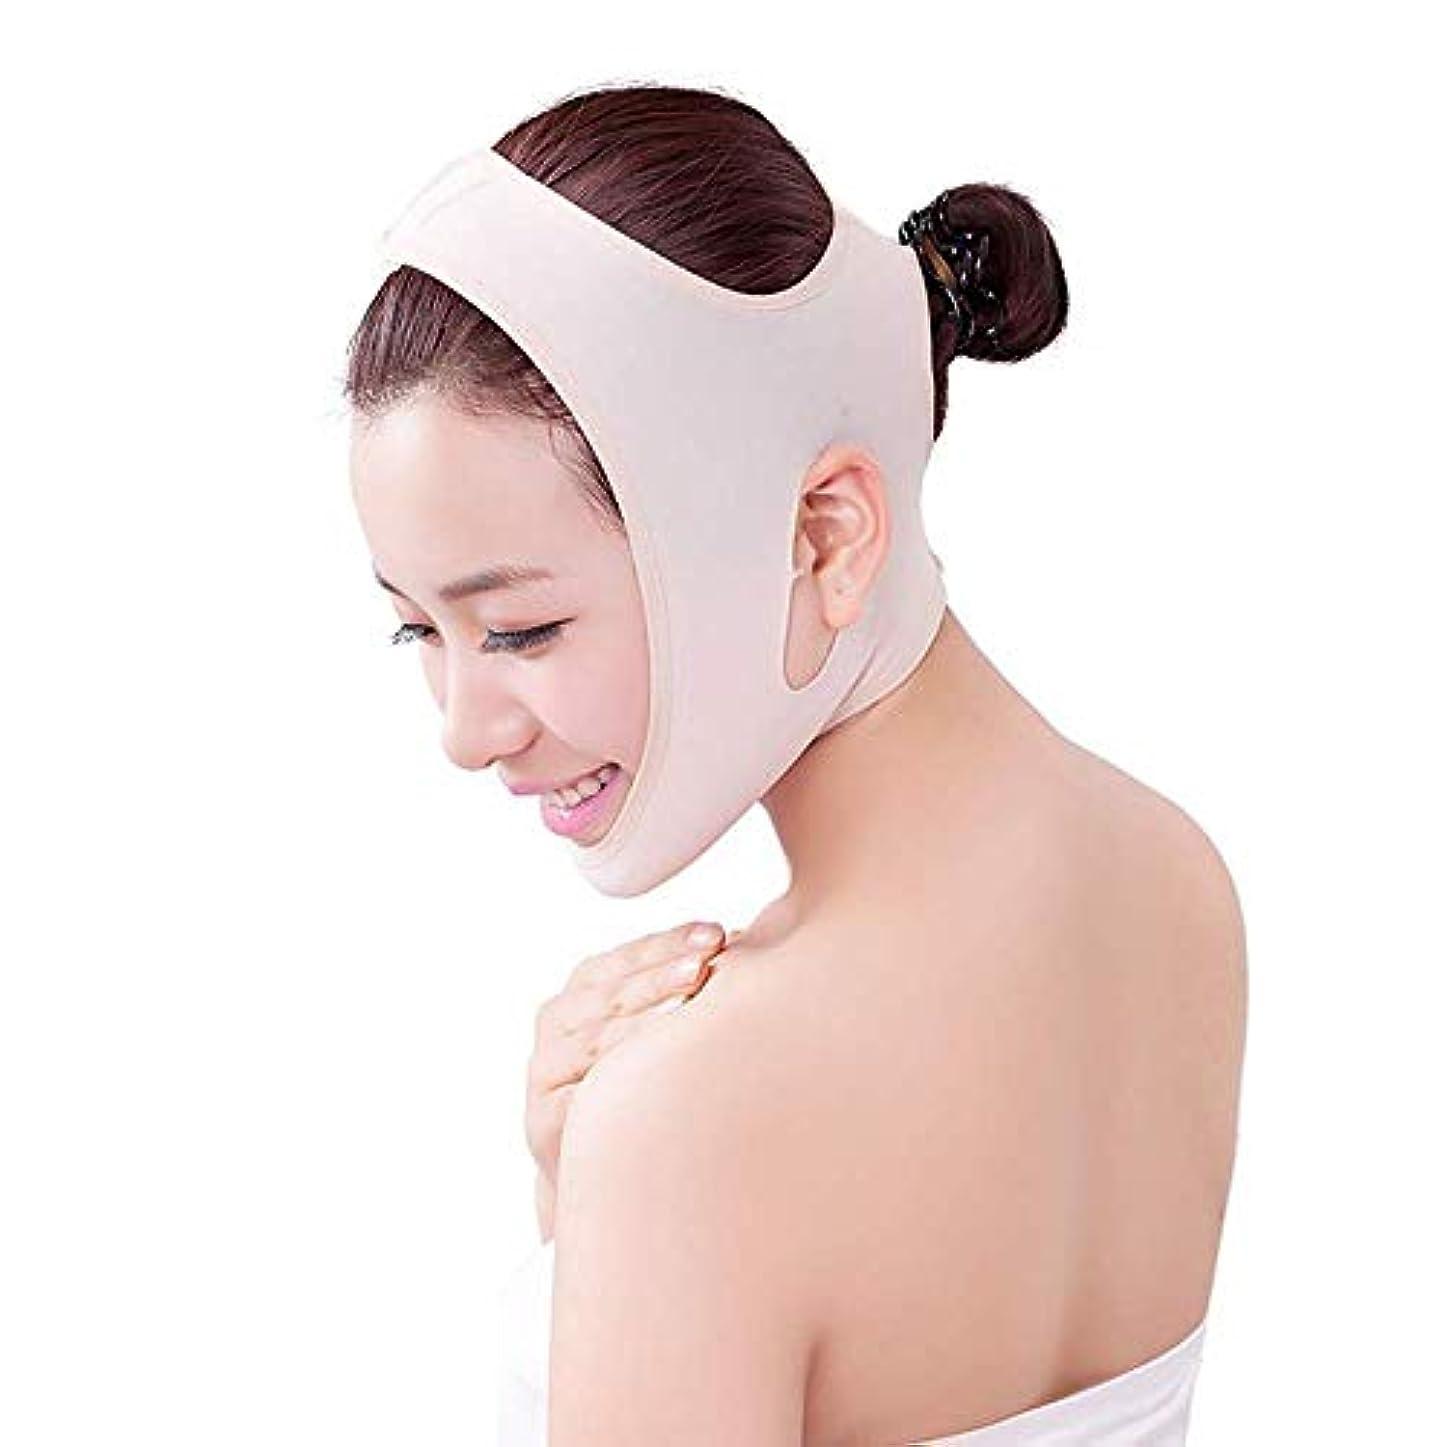 アジア下線政治家の薄型フェイスベルト - 男性用および女性用の包帯をフランスの顔用リフティングマスク器具に引き締める薄型フェイスVフェイス薄型ダブルチンフェイスリフティングベルト(サイズ:M),S